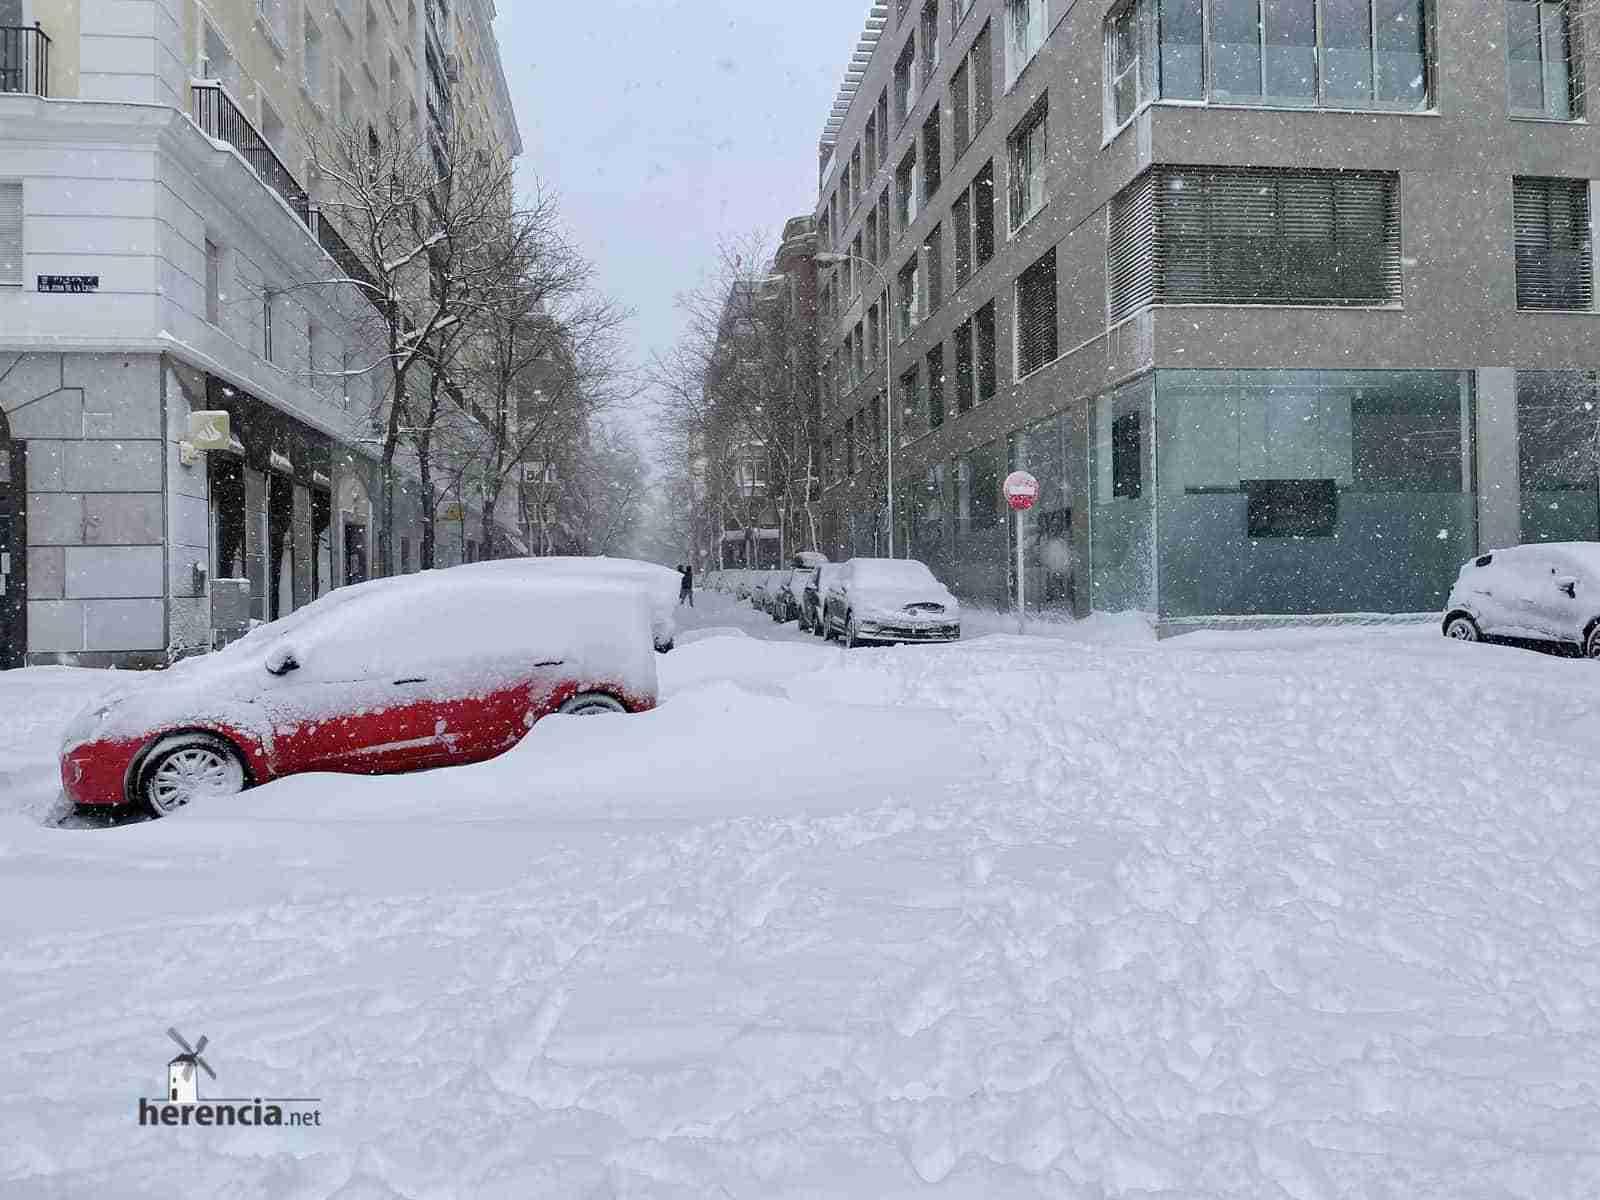 Fotografías de la nevada de enero en Madrid (España) 147